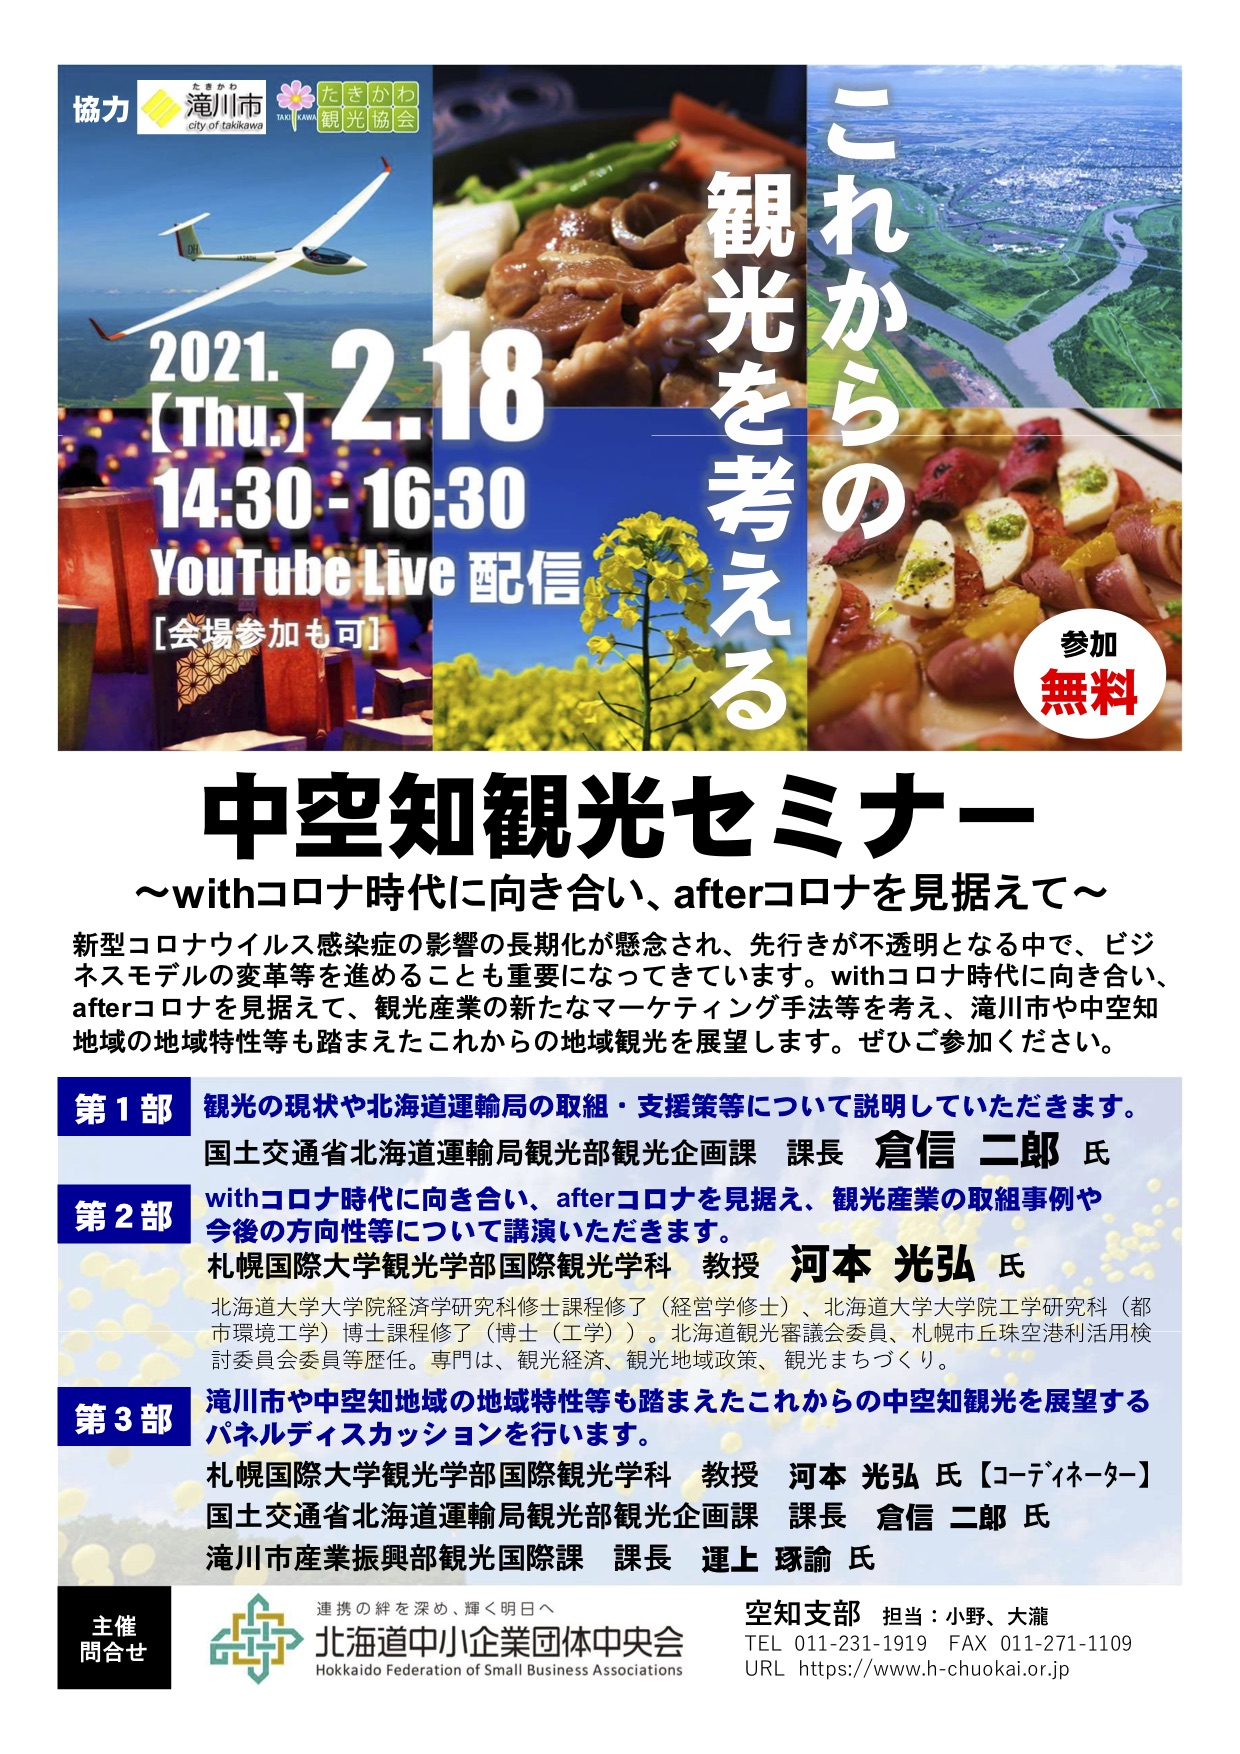 『中空知観光セミナー』のポスター